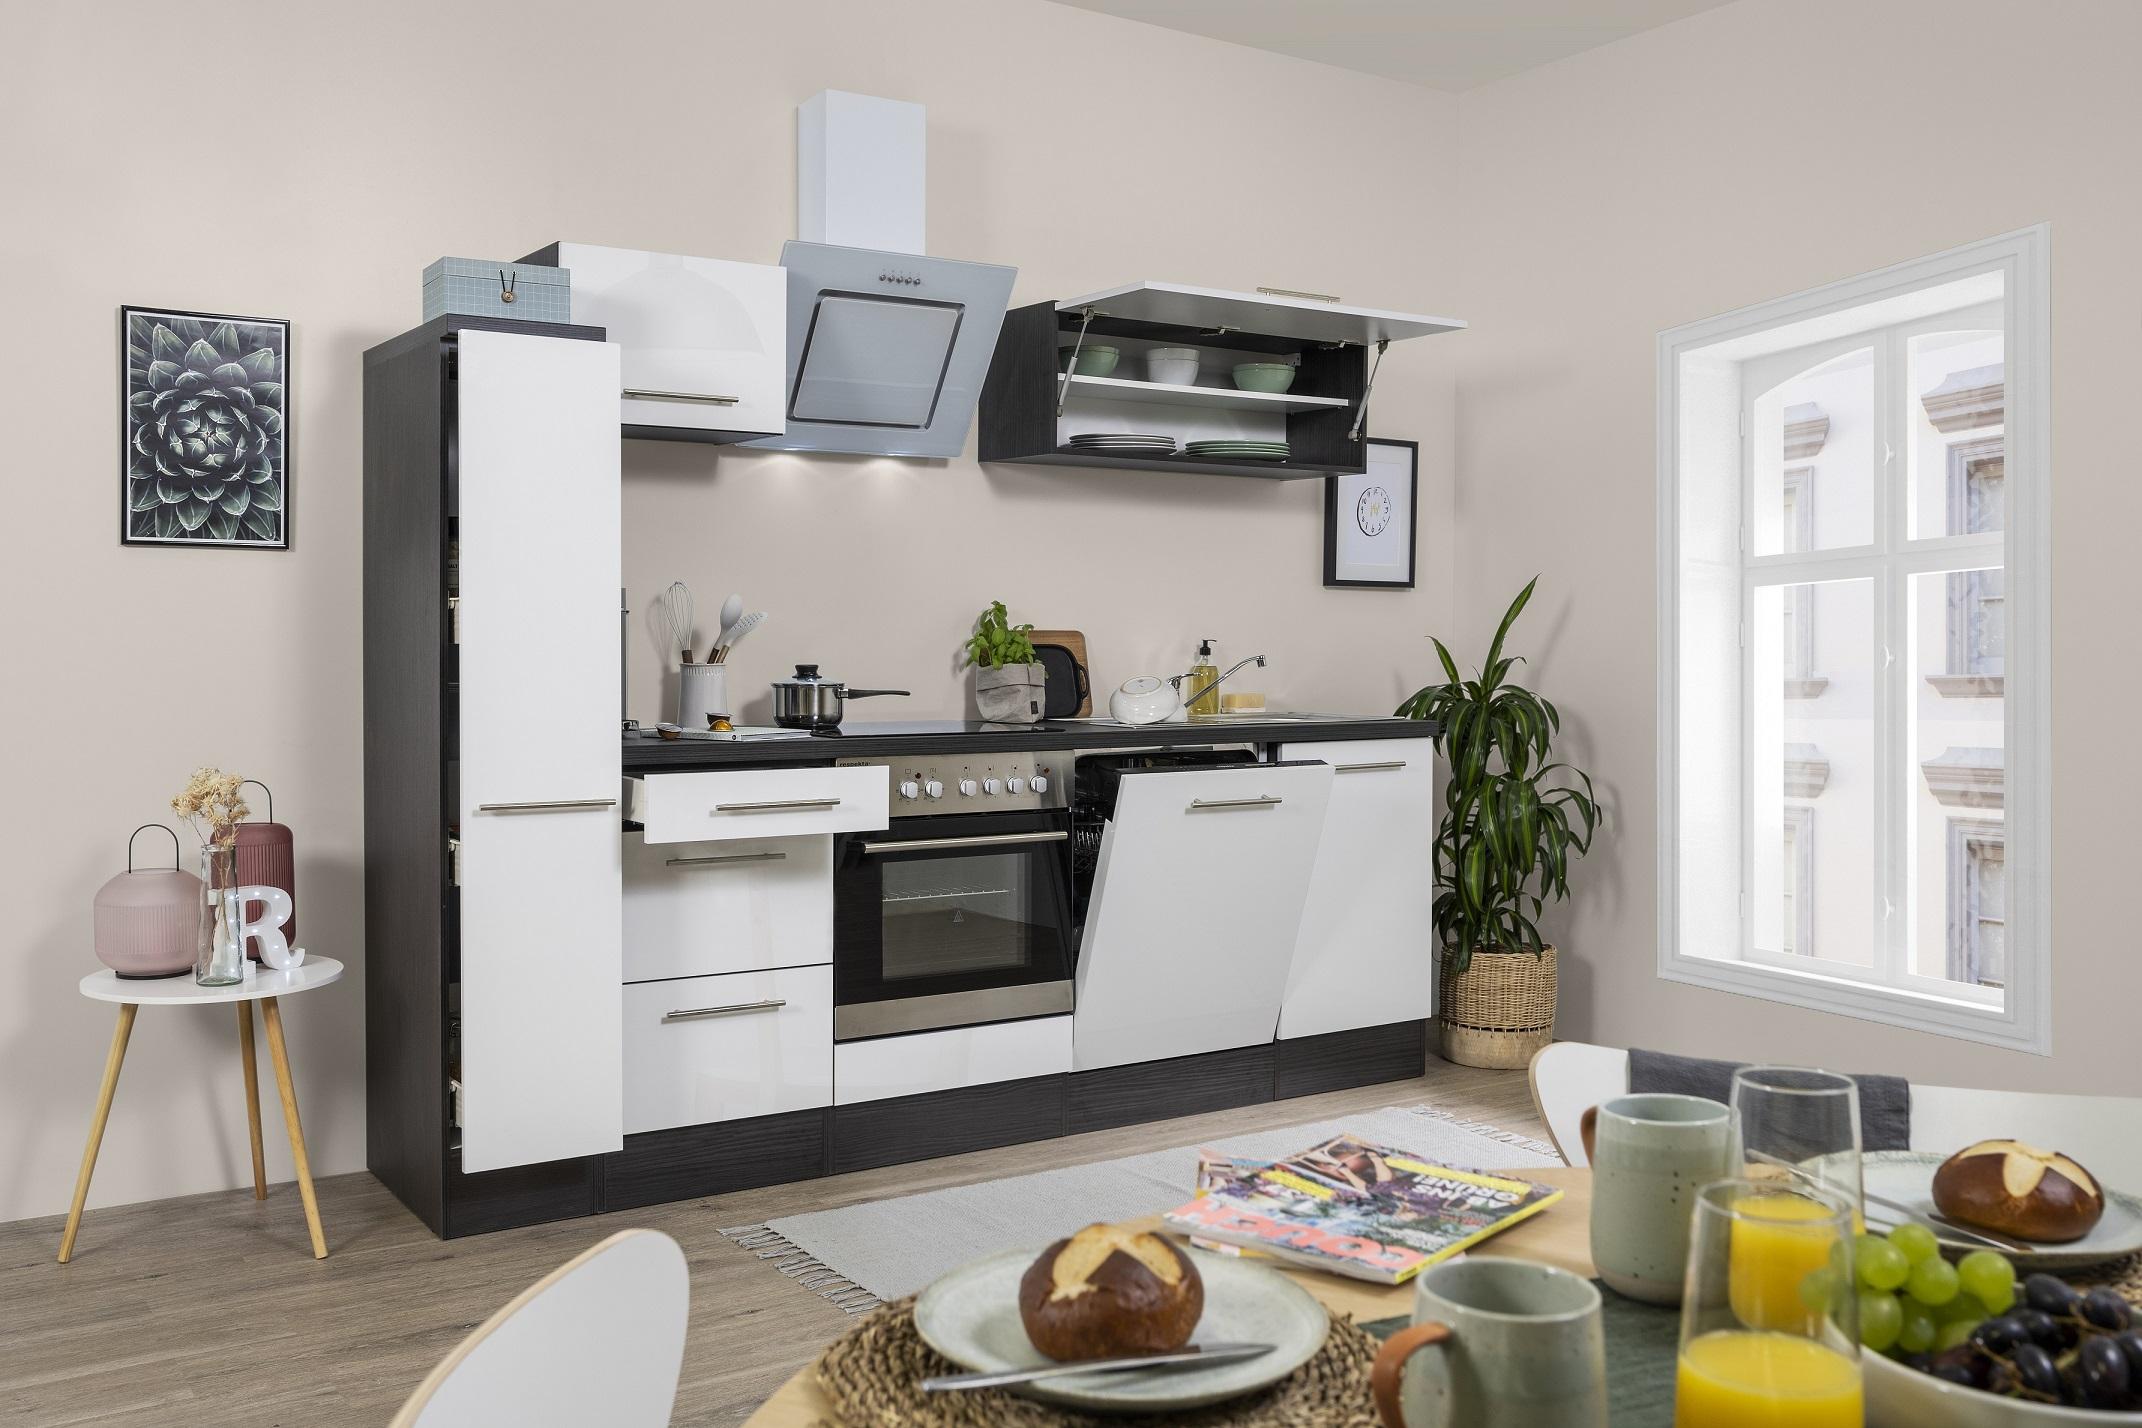 respekta Küchenzeile Küche Einbauküche Küchenblock Hochglanz 250 cm Eiche weiß